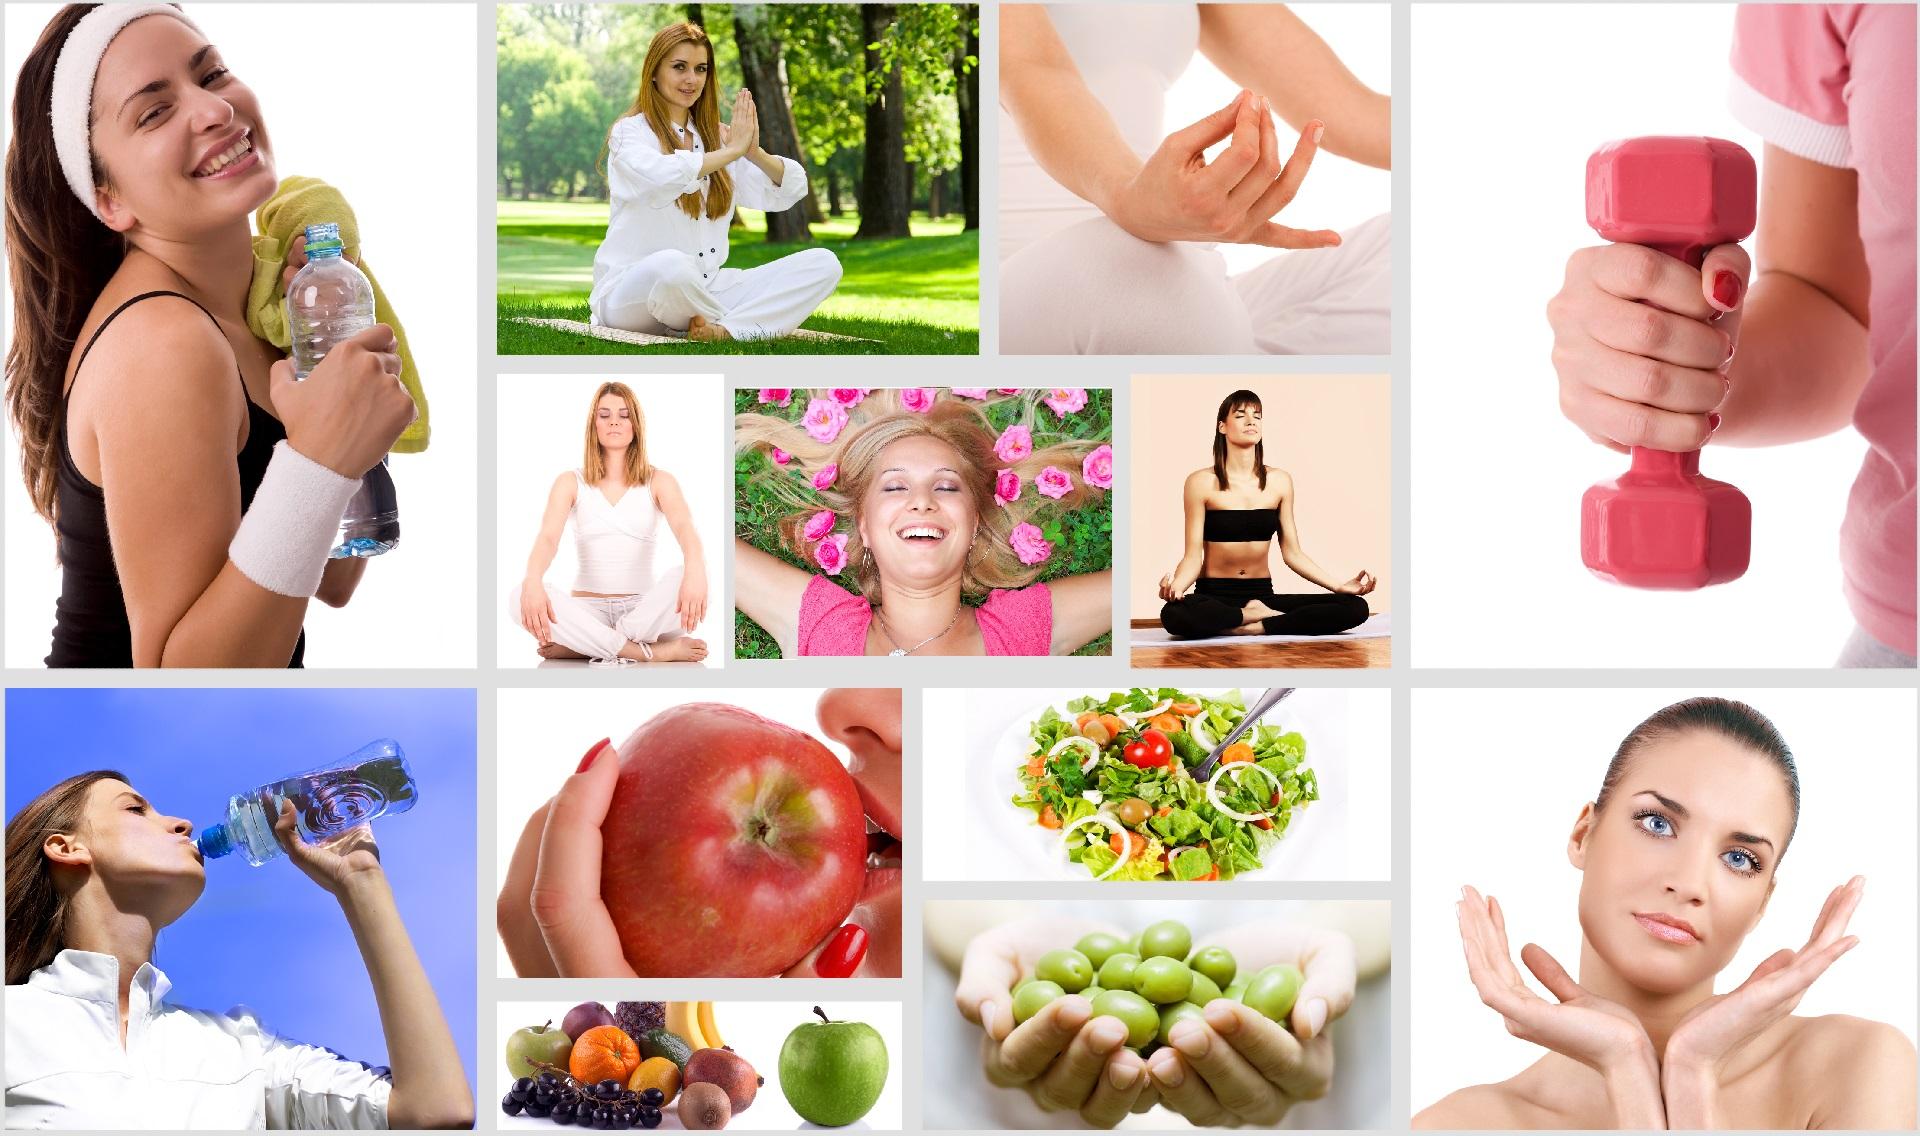 Лучший способ сбросить вес: есть сколько хочется того, чего вы терпеть